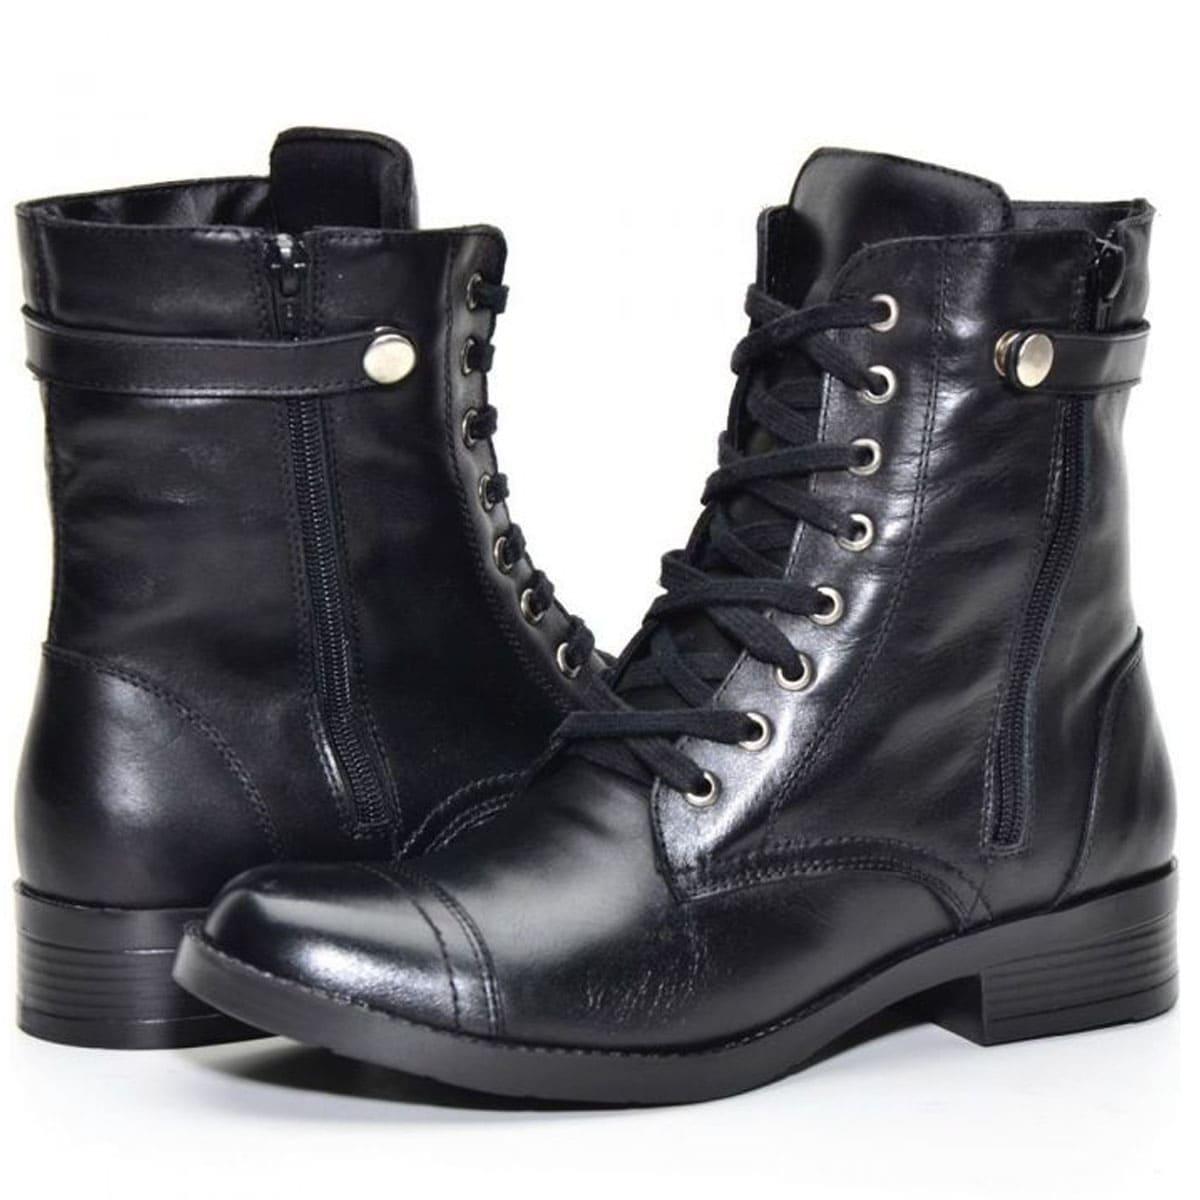 Coturno  cano médio feminino Atron Shoes de couro legítimo na cor preta 7080